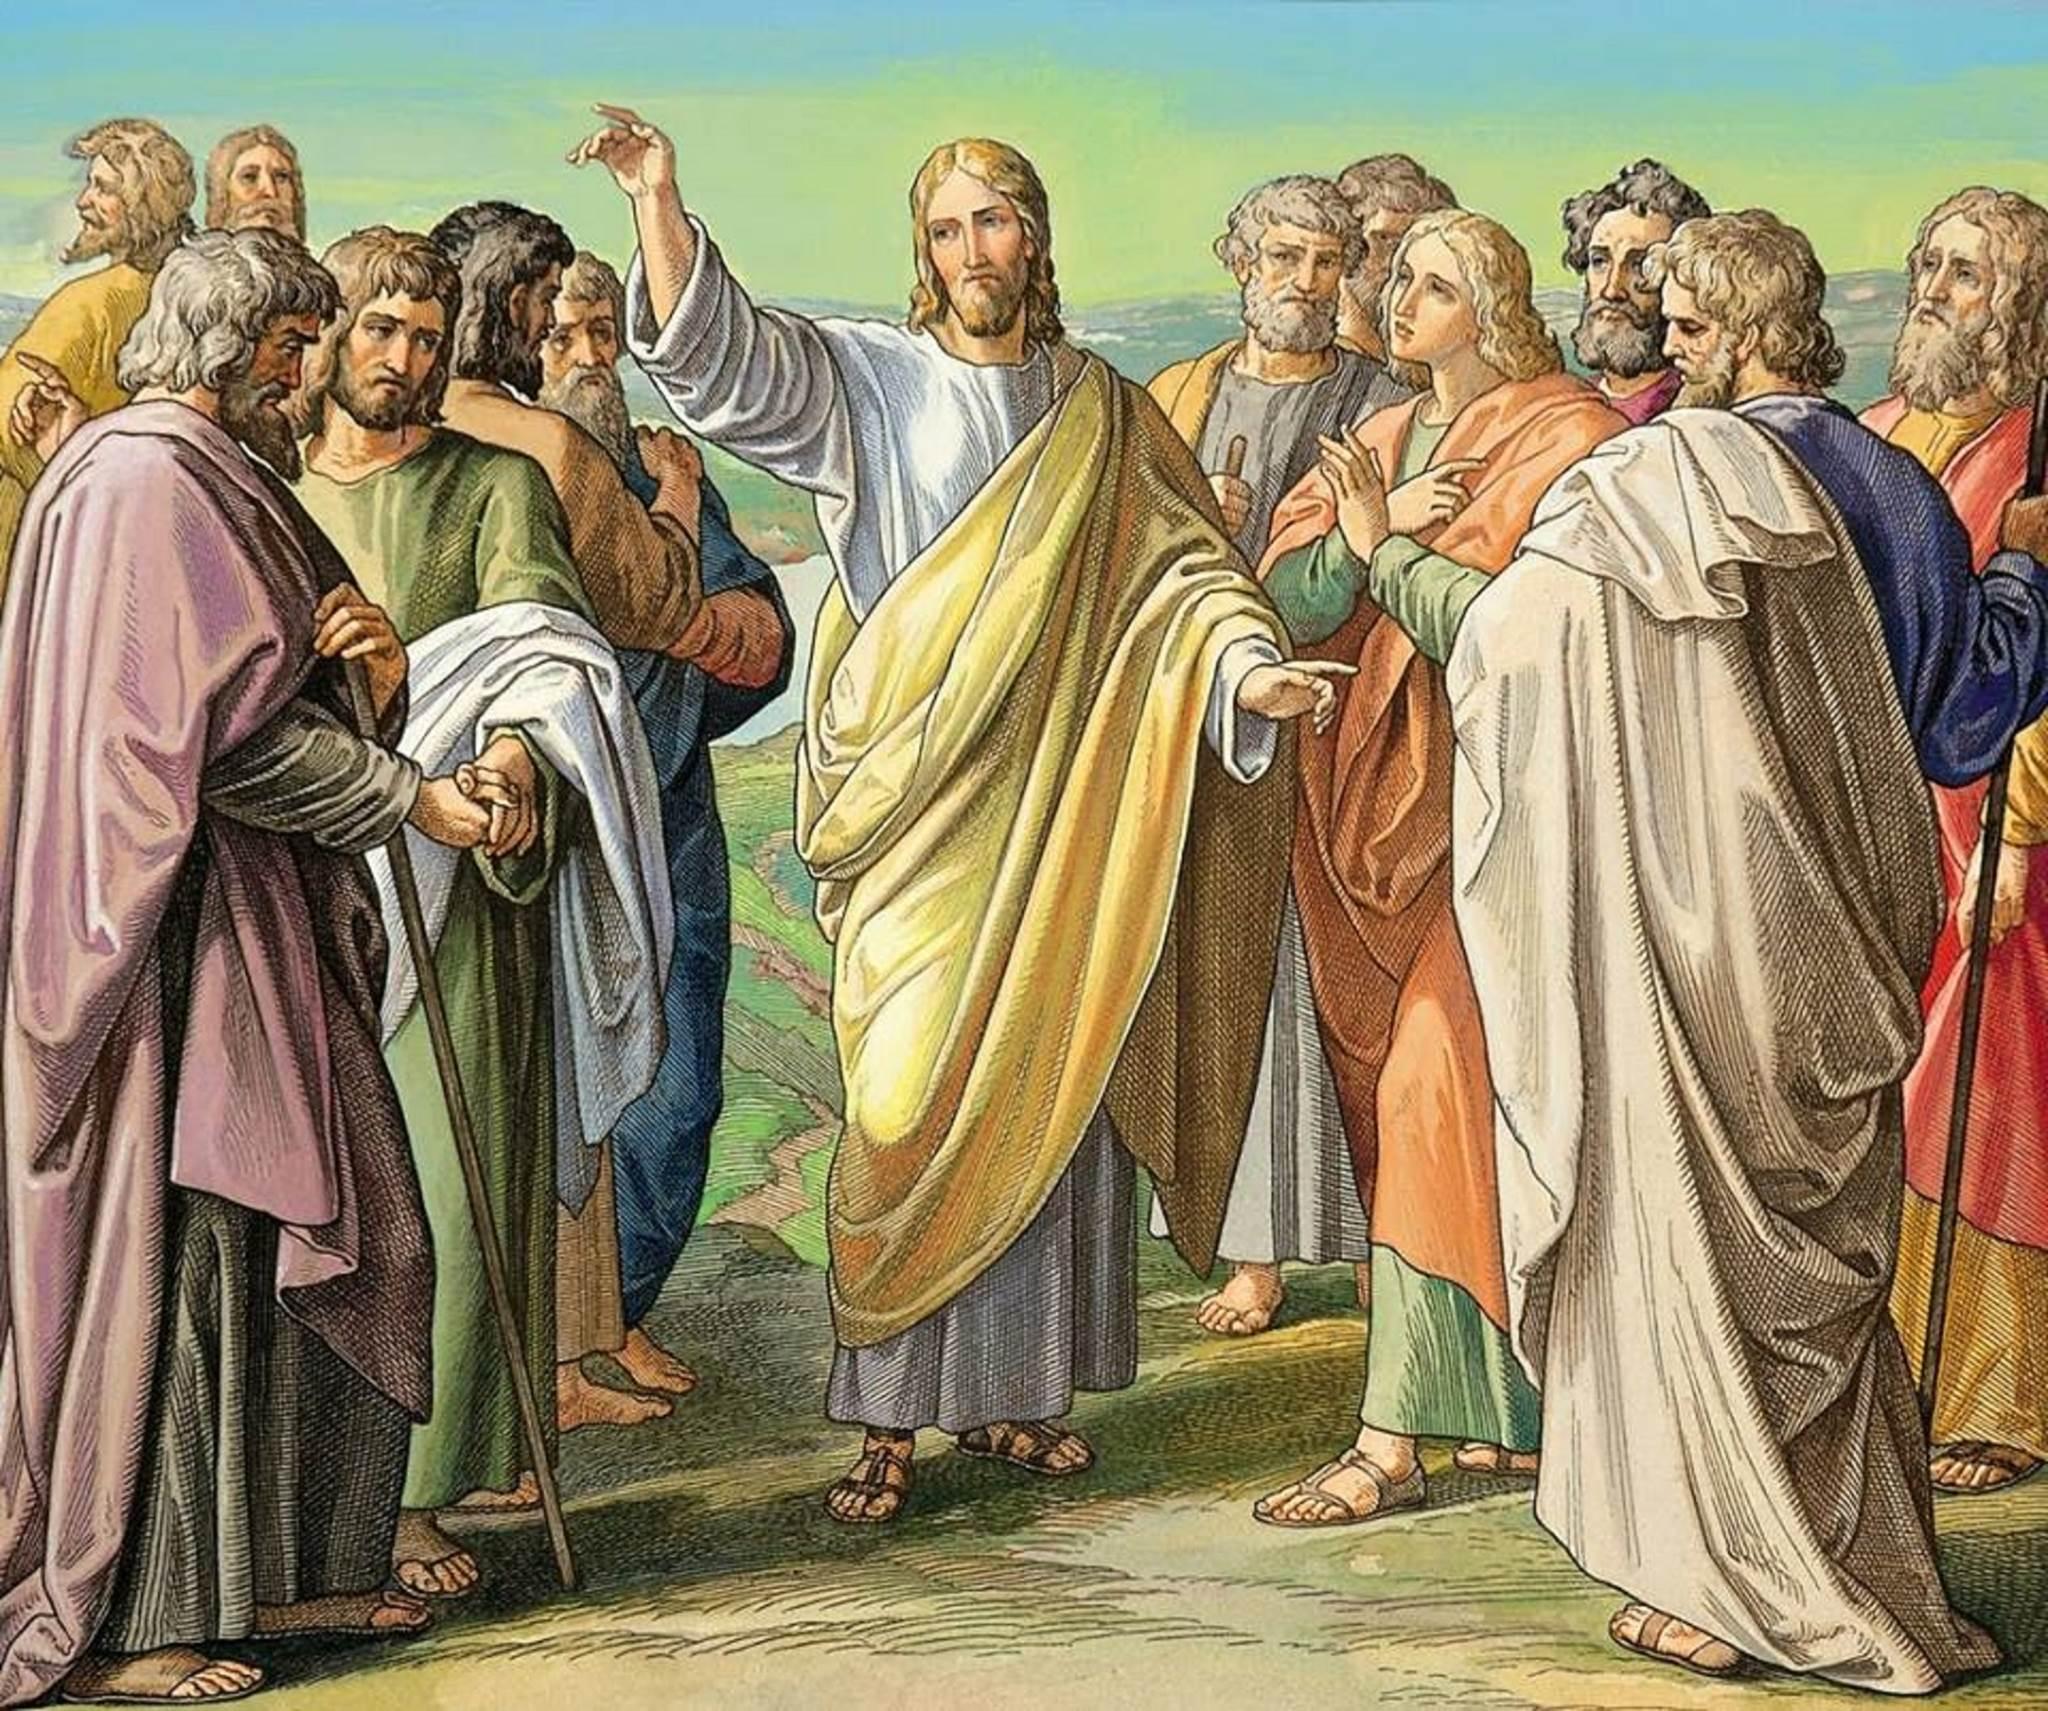 Chúa Cha làm chứng cho tôi (18.3.2021 – Thứ Năm Tuần 4 Mùa Chay)